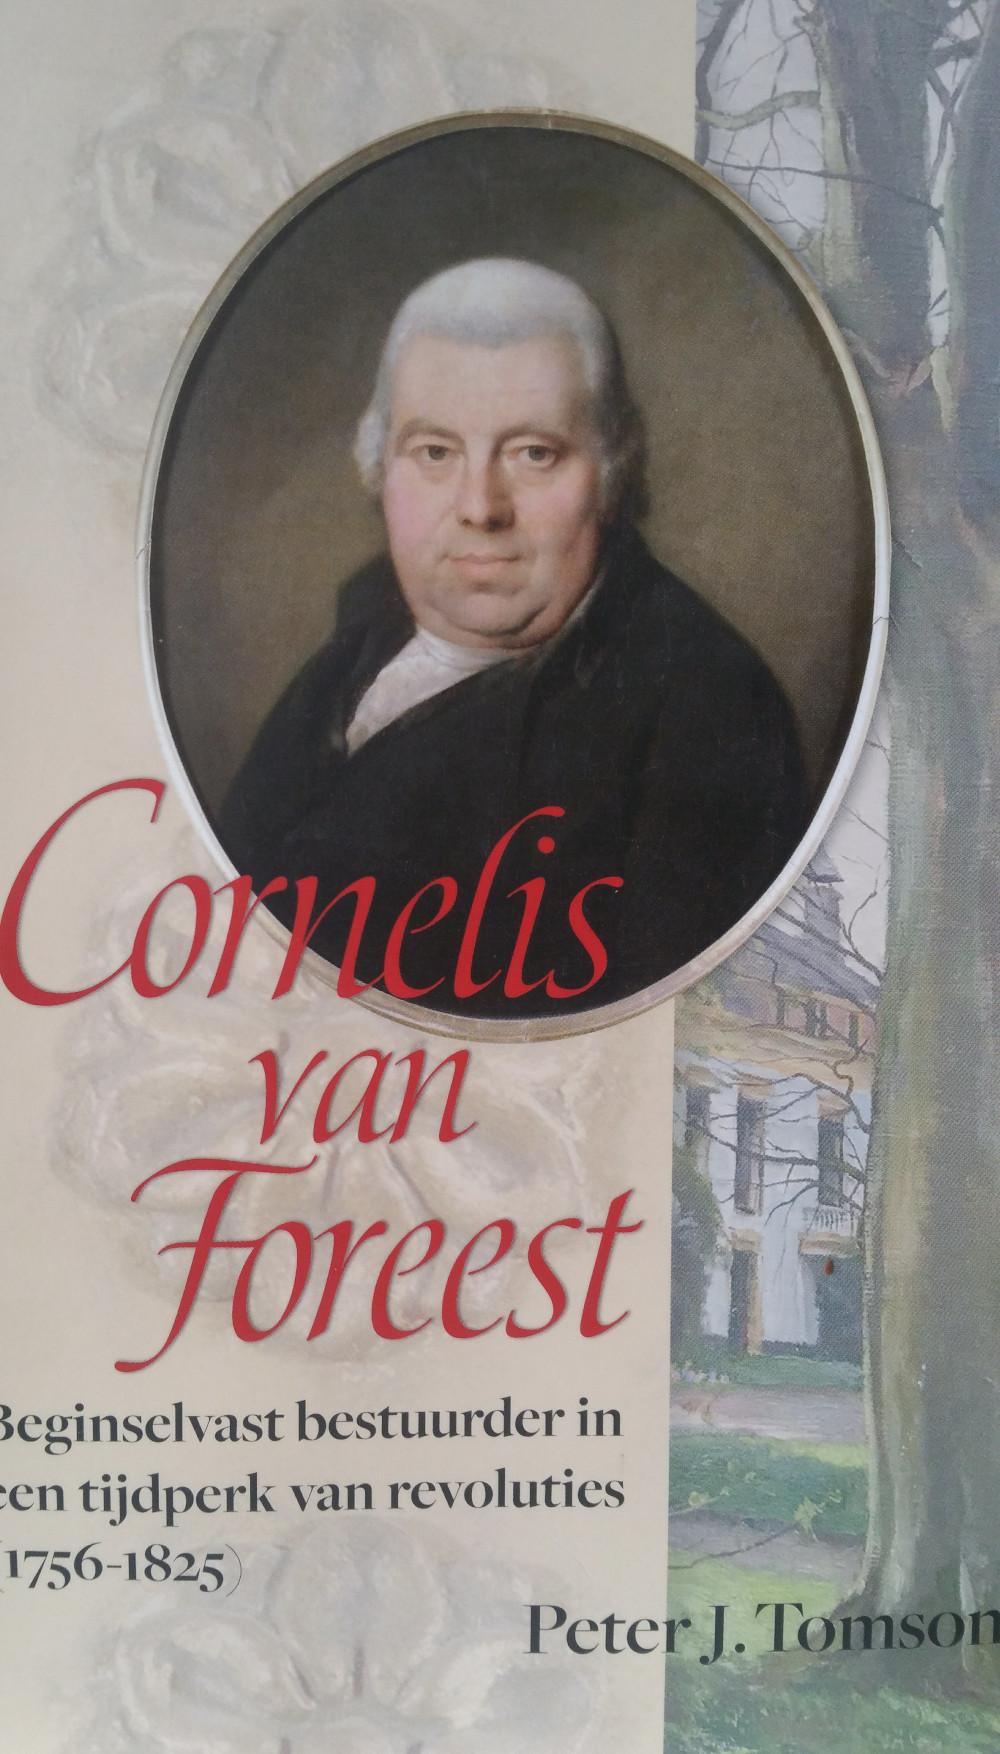 Peter J. Tomson, Cornelis van Foreest. Beginselvast bestuurder in een tijdperk van revoluties (1756-1825).